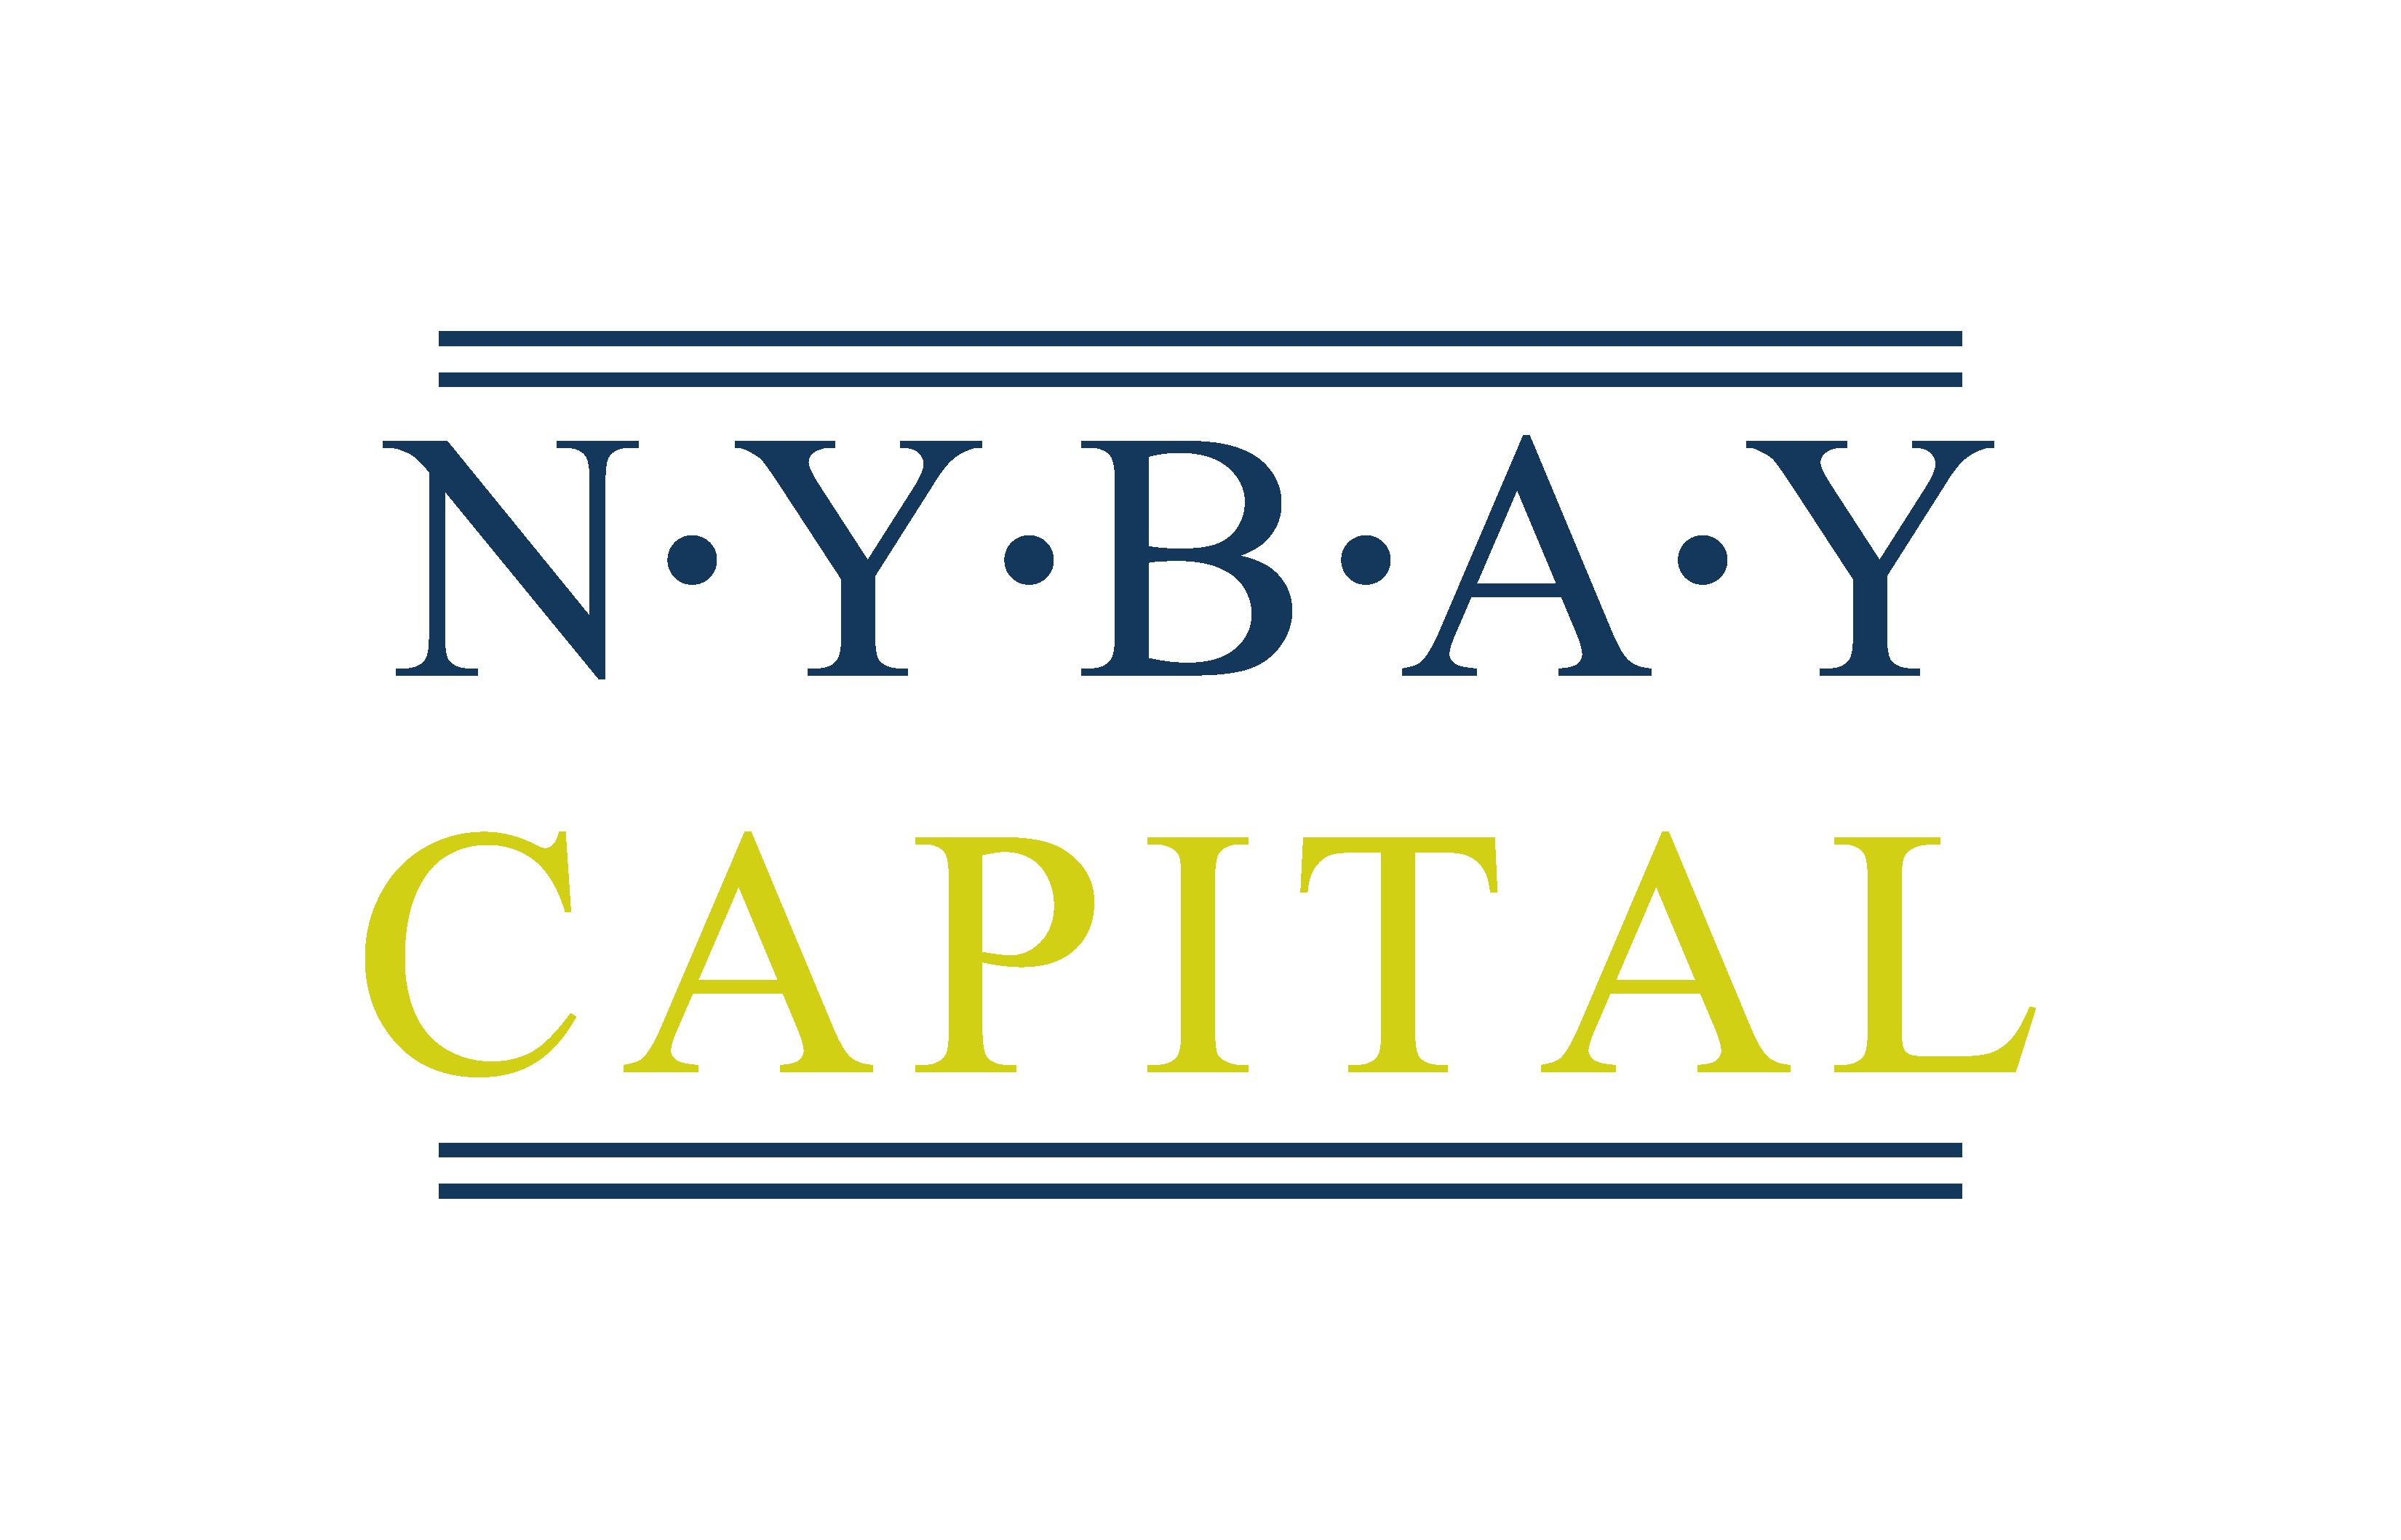 NY Bay Capital – Mexico/NYC